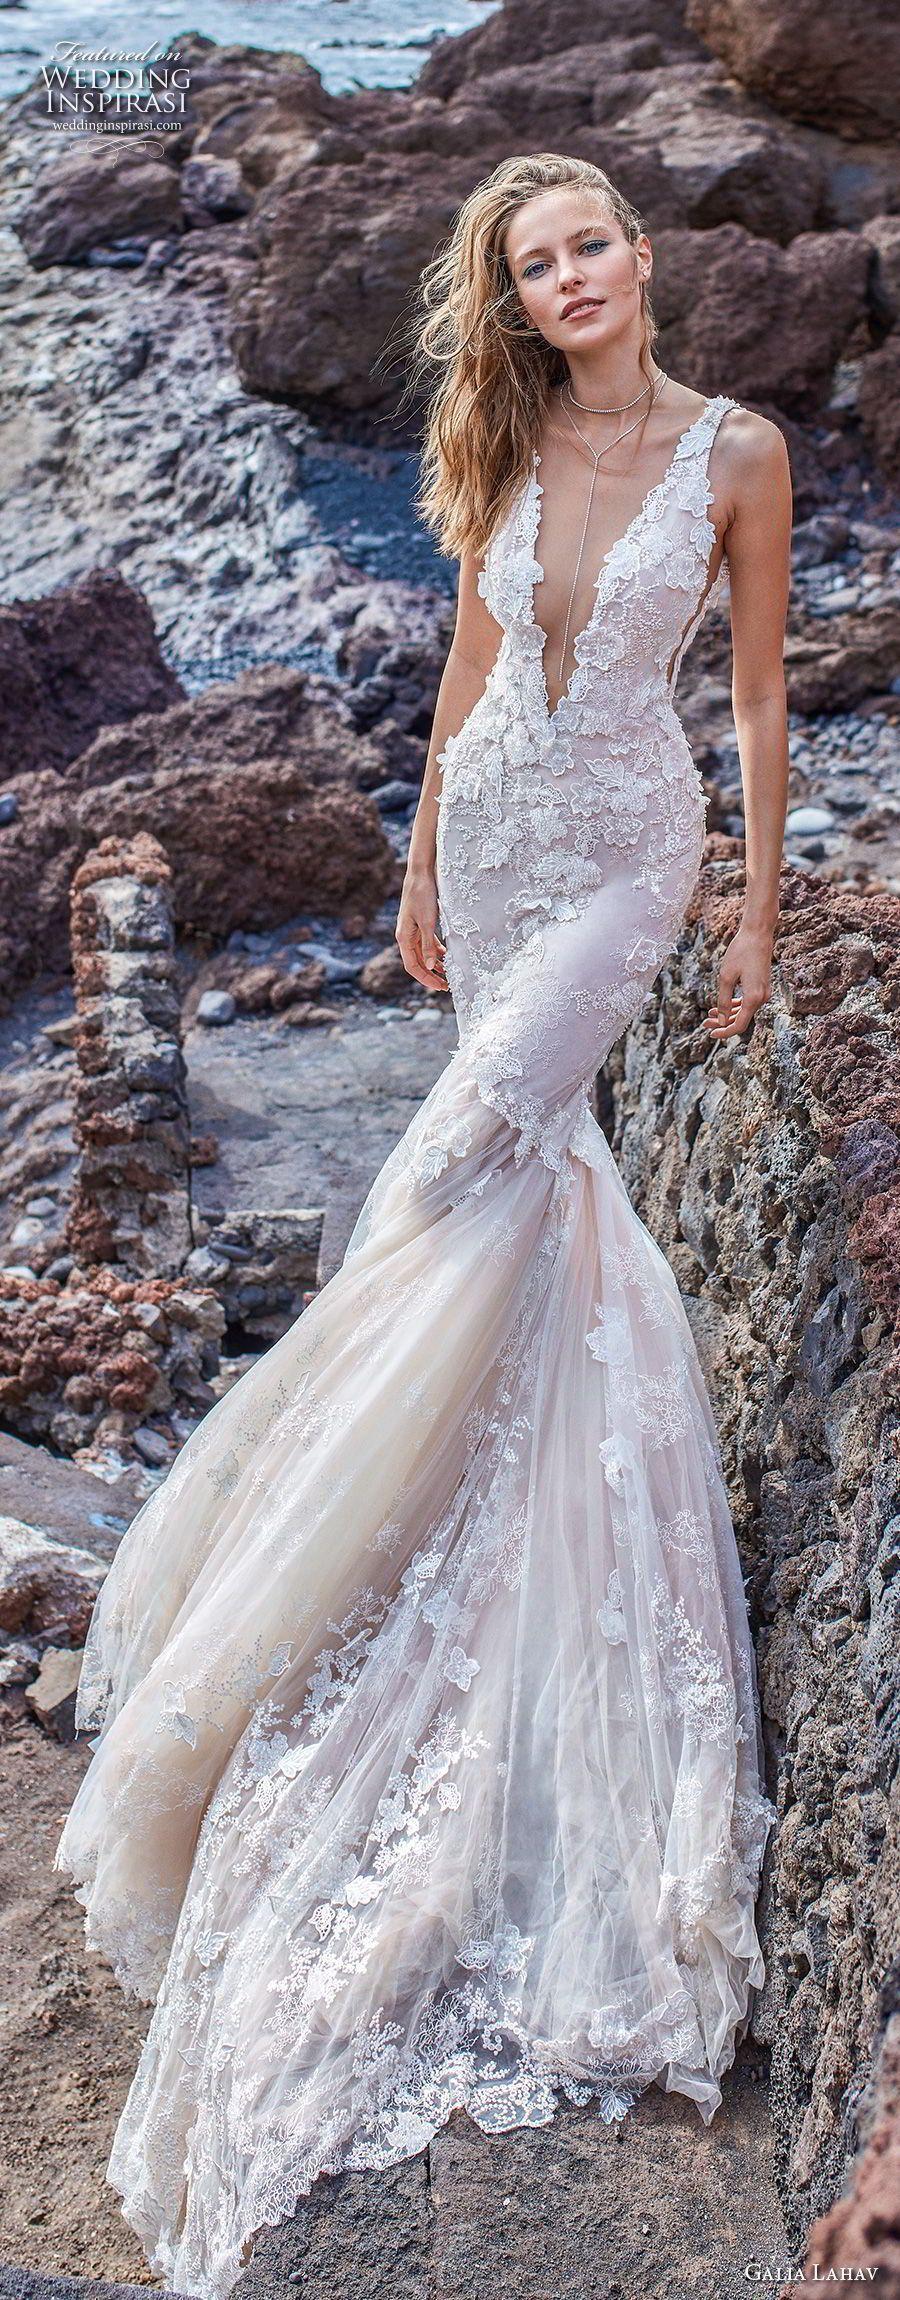 Galia lahav gala bridal sleeveless deep v neck heavily